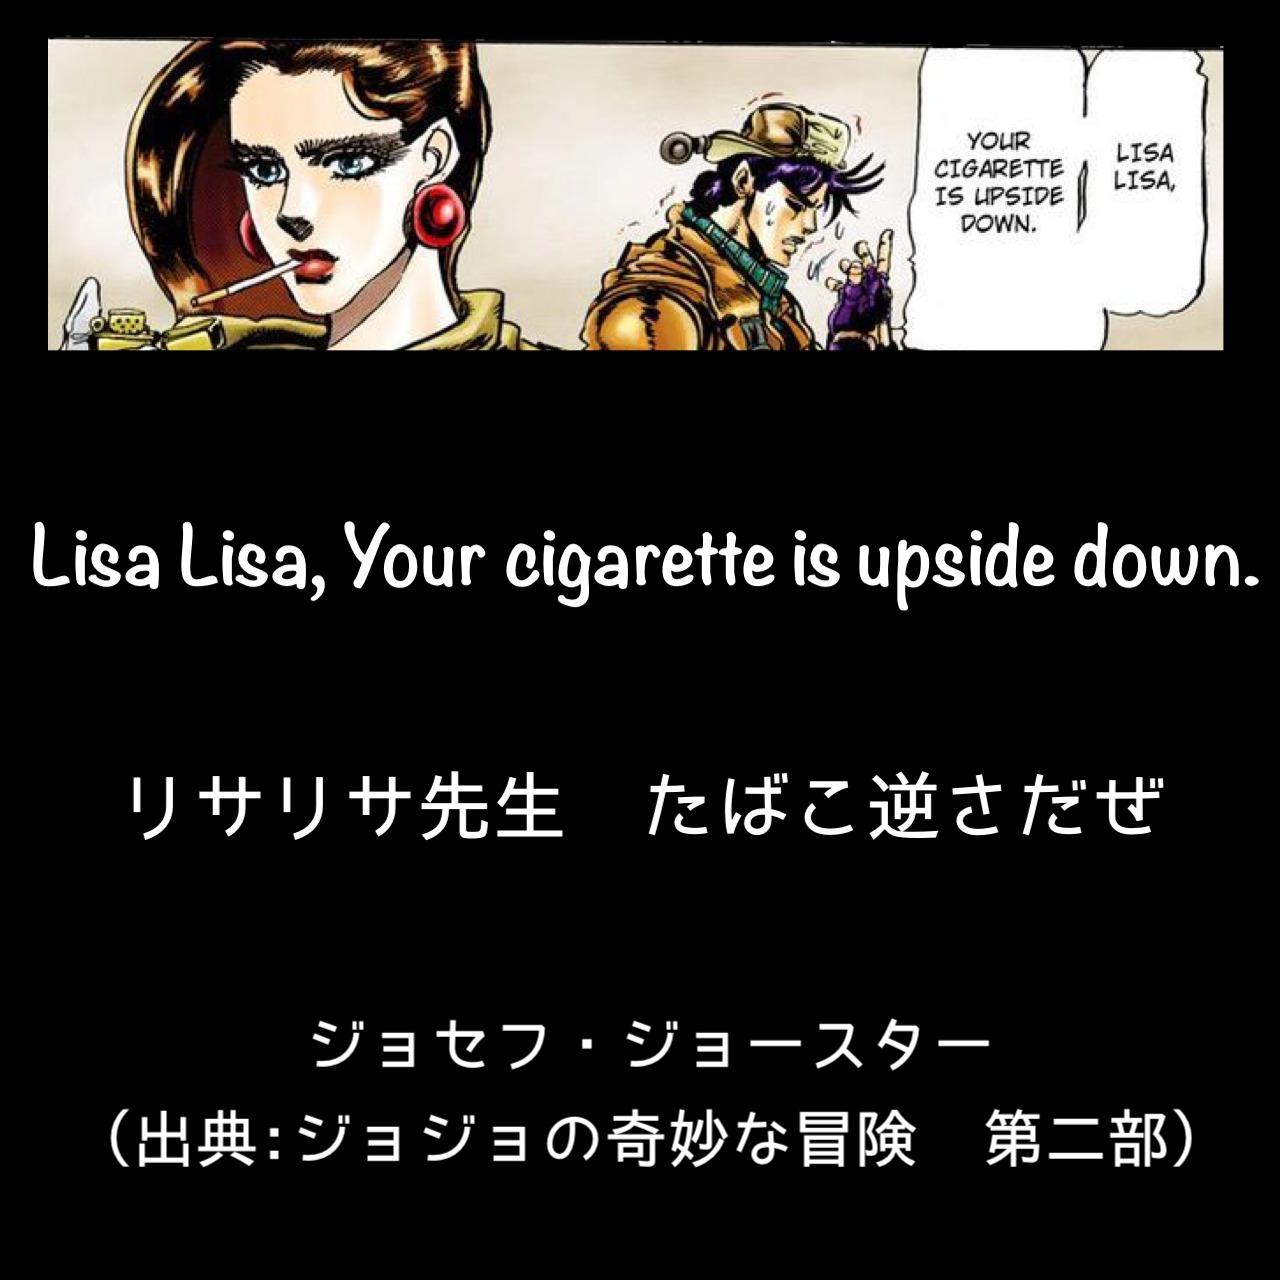 リサリサ先生 たばこ逆さだぜ / ジョセフ・ジョースター(出典:ジョジョの奇妙な冒険【第二部】)